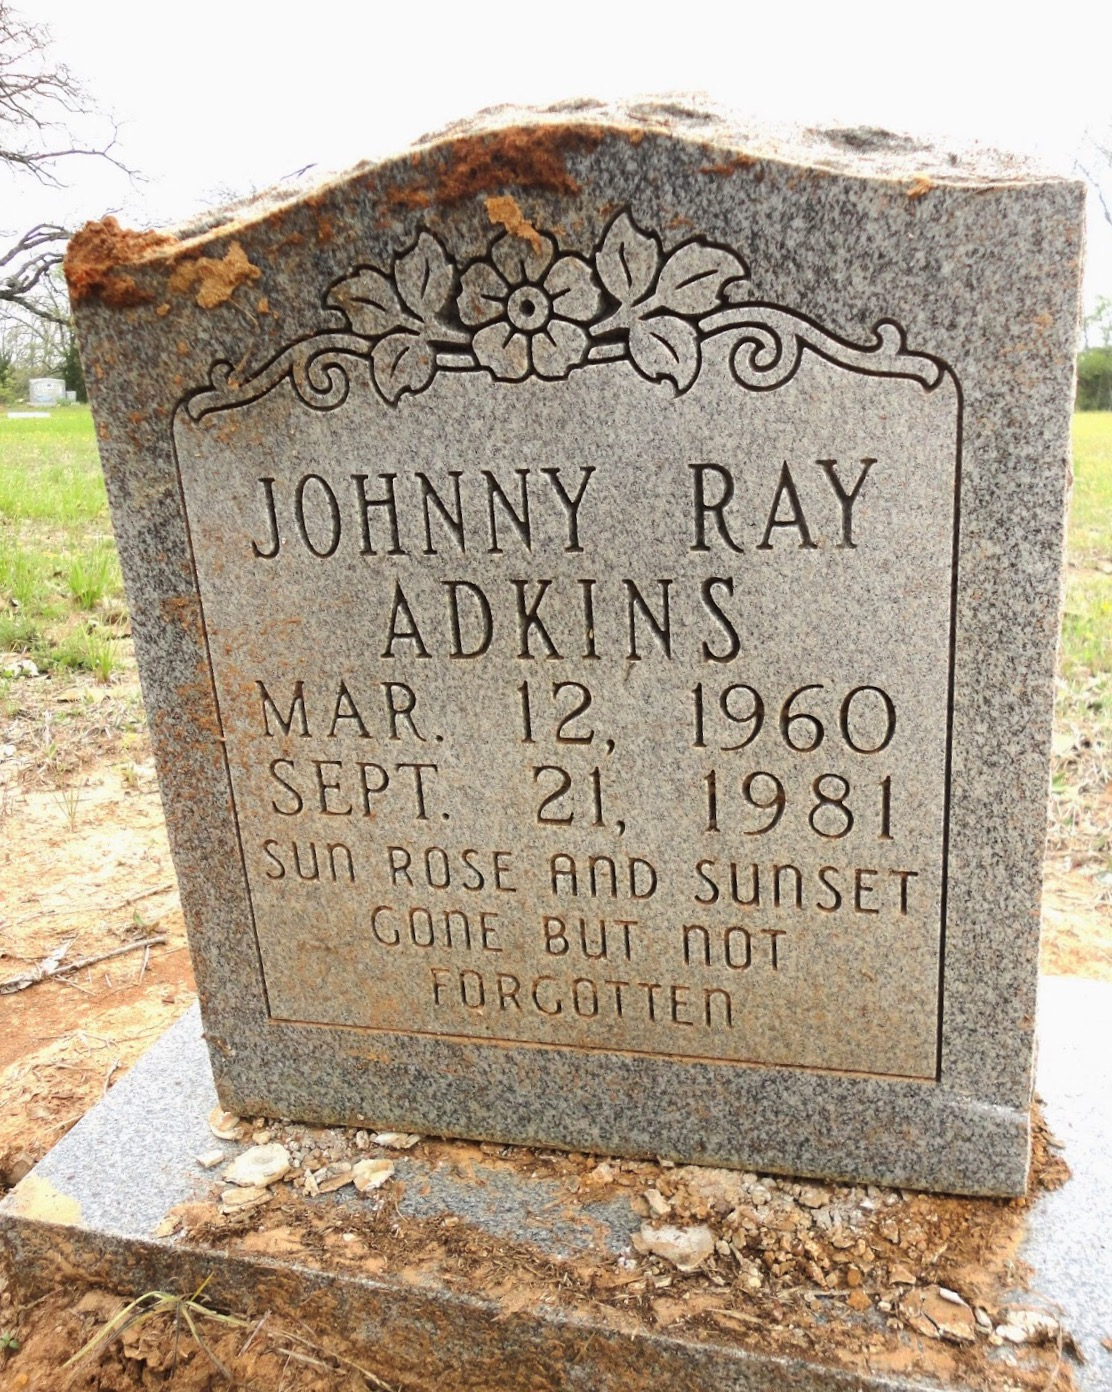 Johnny Ray Adkins